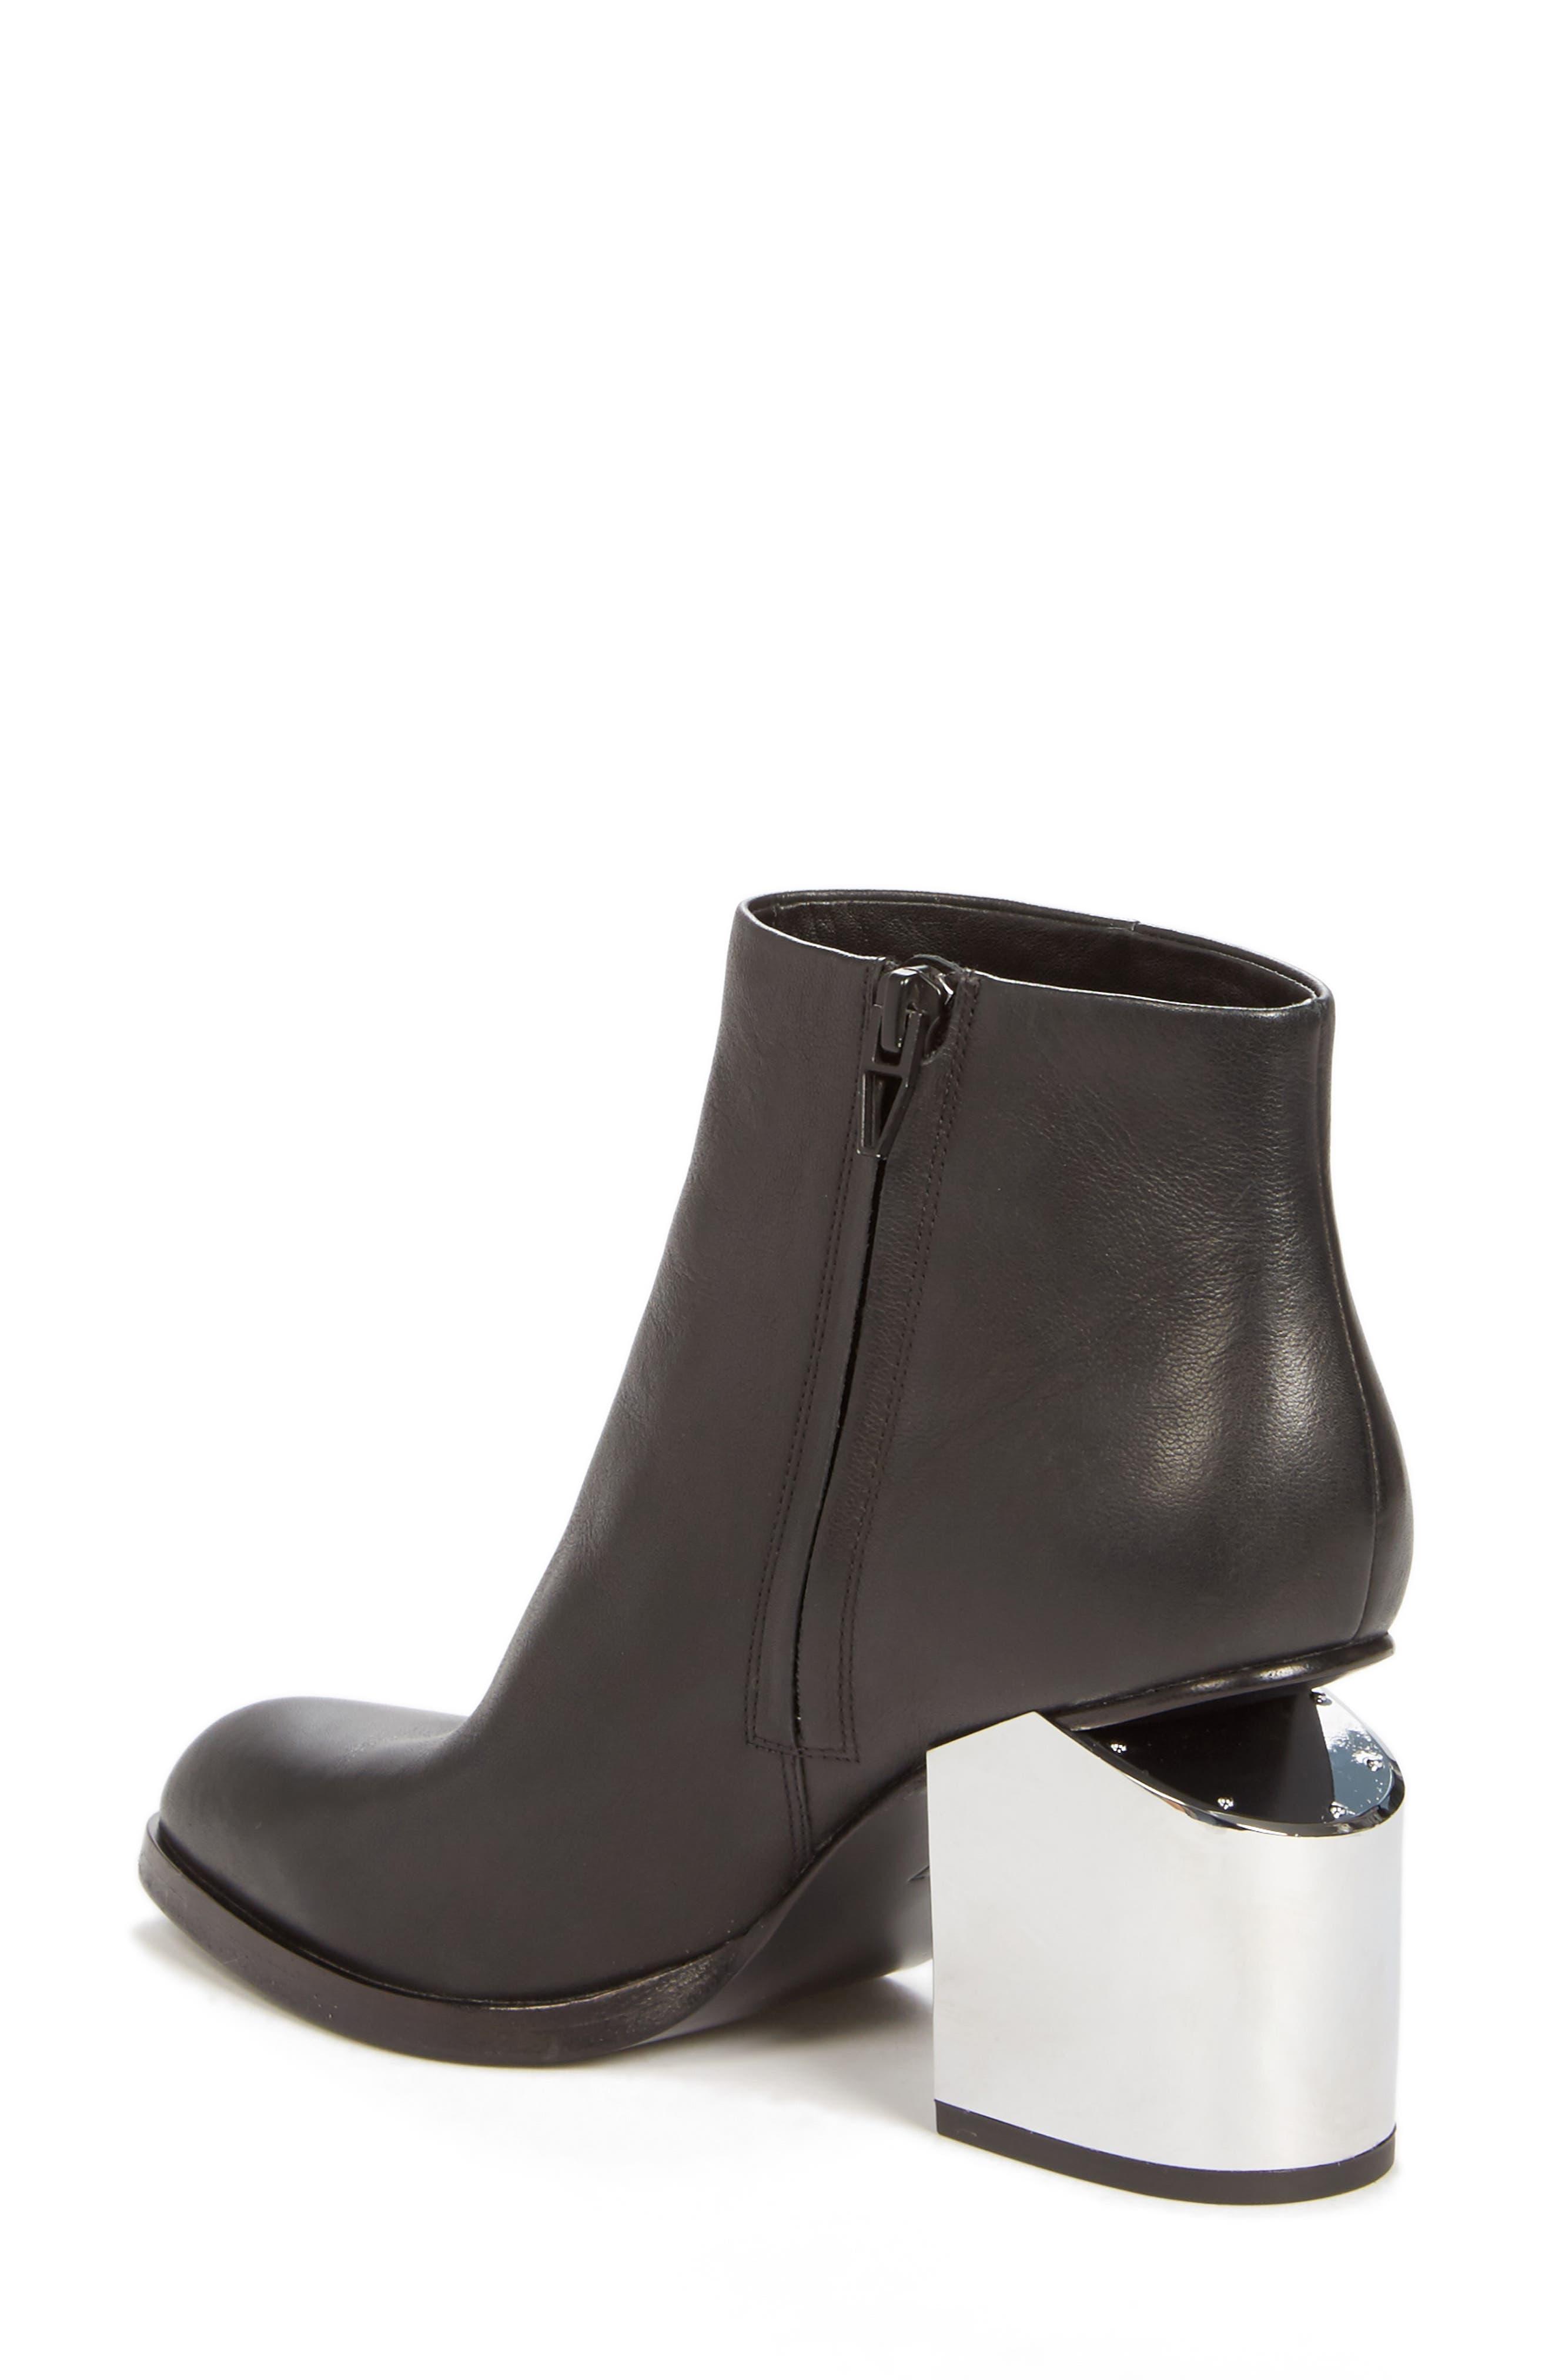 'Gabi' Silver Heel Bootie,                         Main,                         color, 001